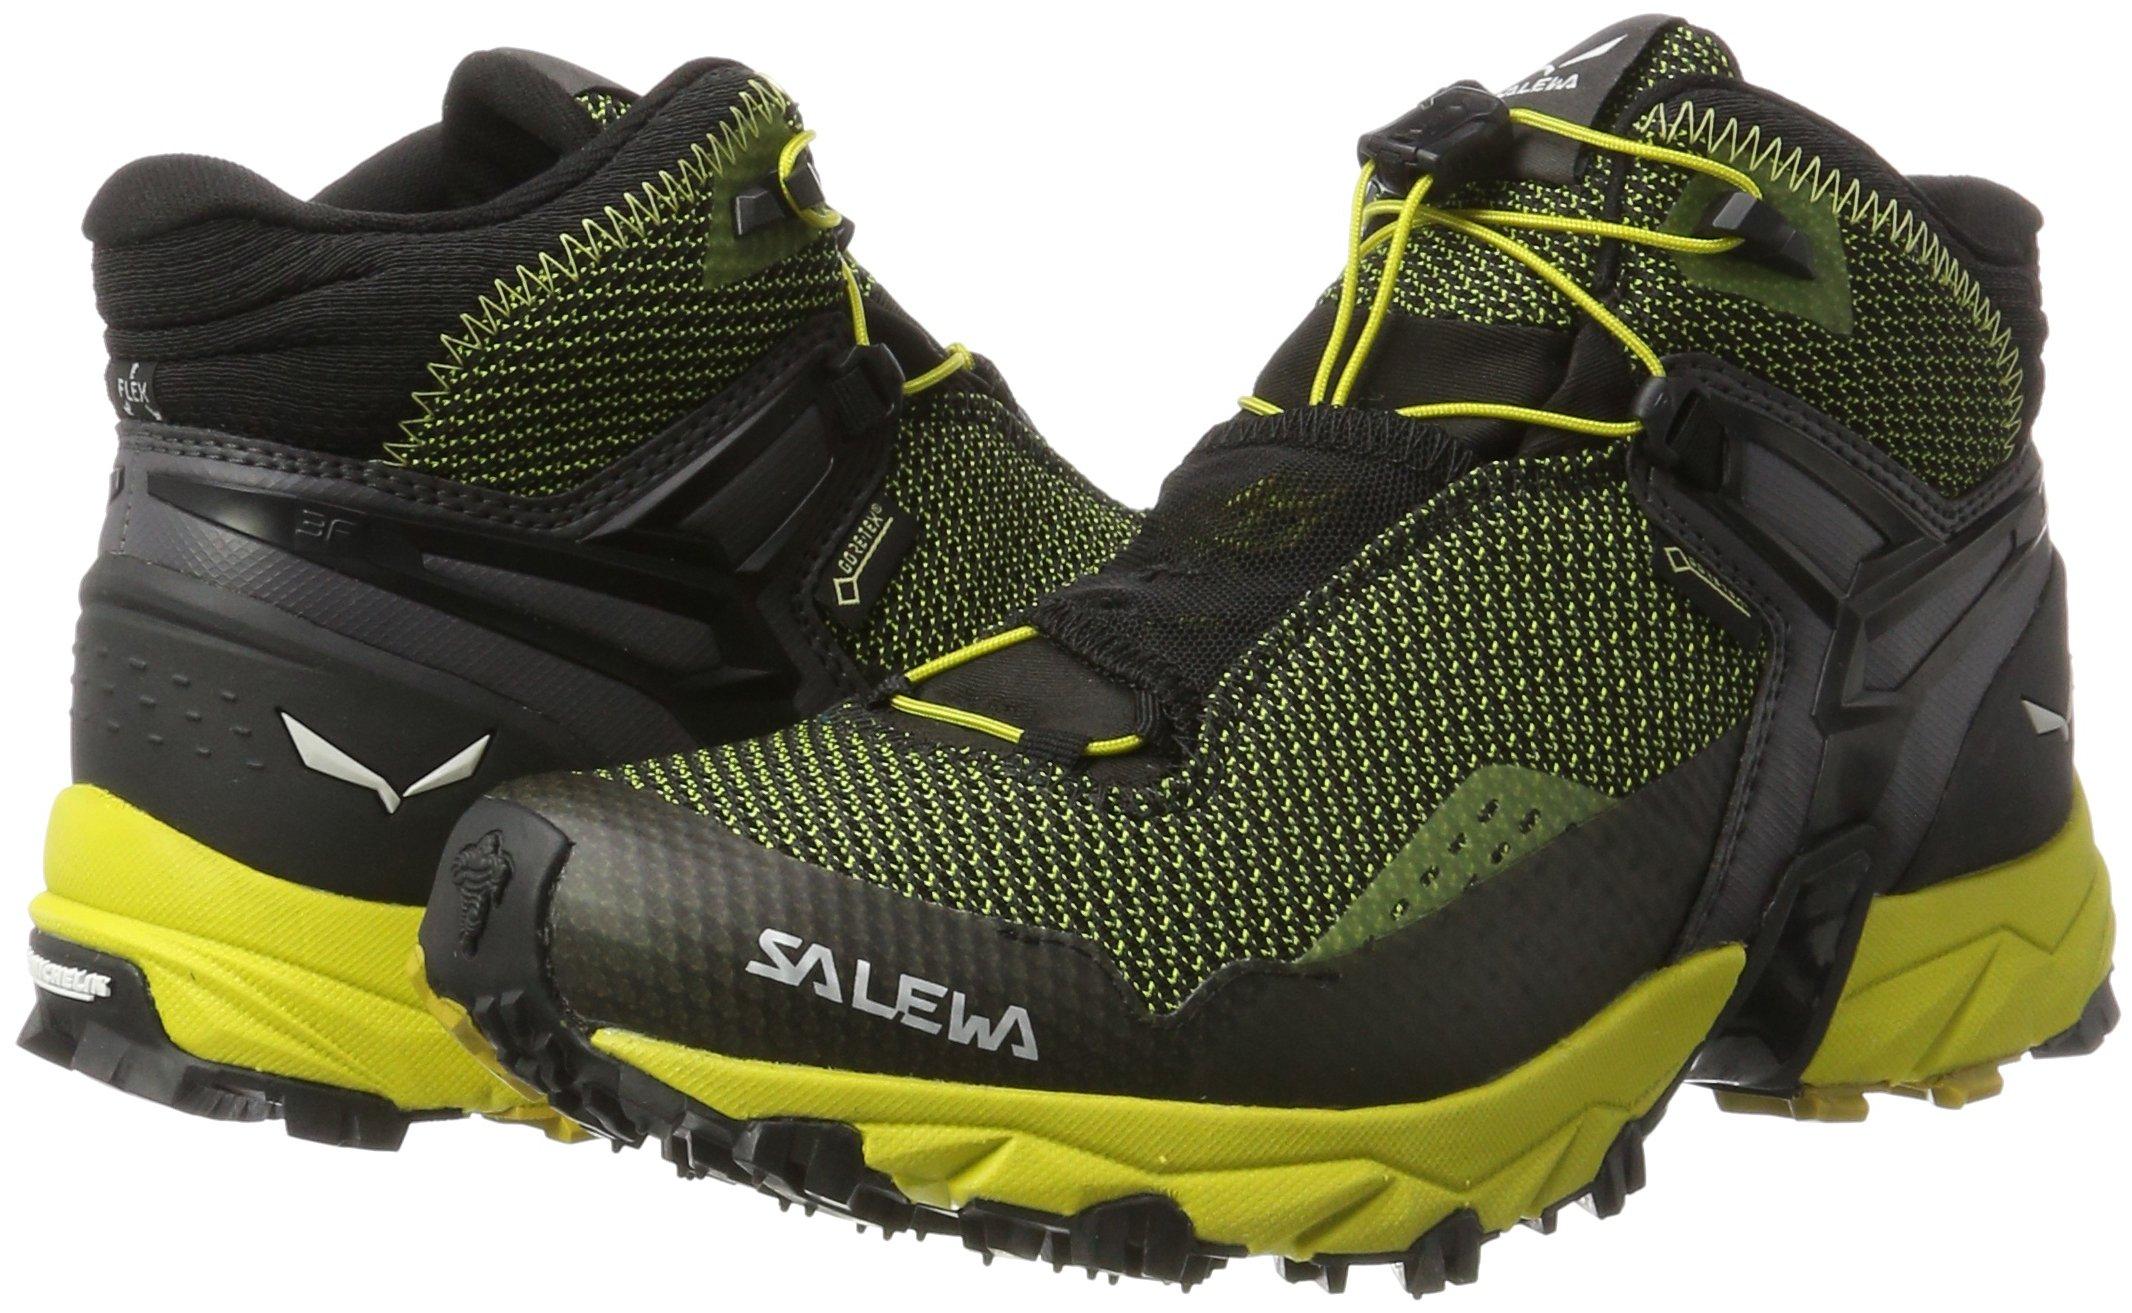 81lSvkg3BiL - Salewa Men's Ms Ultra Flex Mid GTX High Rise Hiking Boots